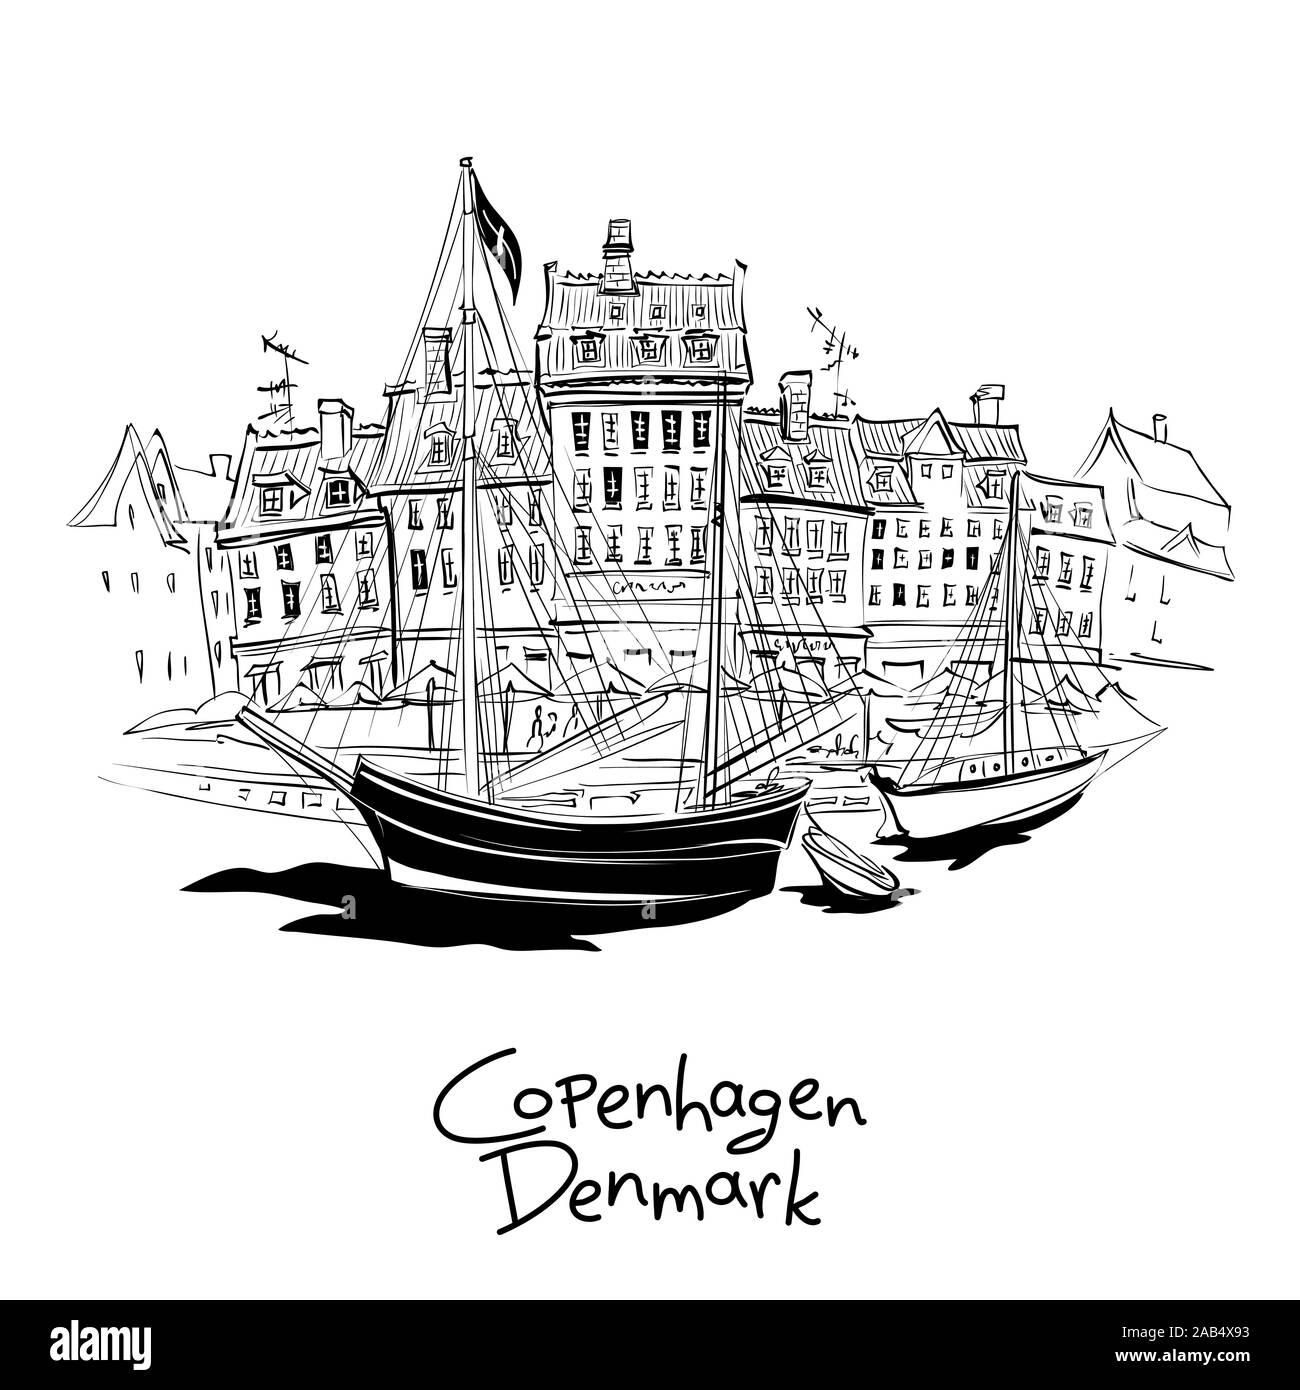 Blanco y negro vectorial boceto de Nyhavn, con fachadas de casas antiguas y viejas naves en el casco antiguo de la ciudad de Copenhague, capital de Dinamarca. Ilustración del Vector